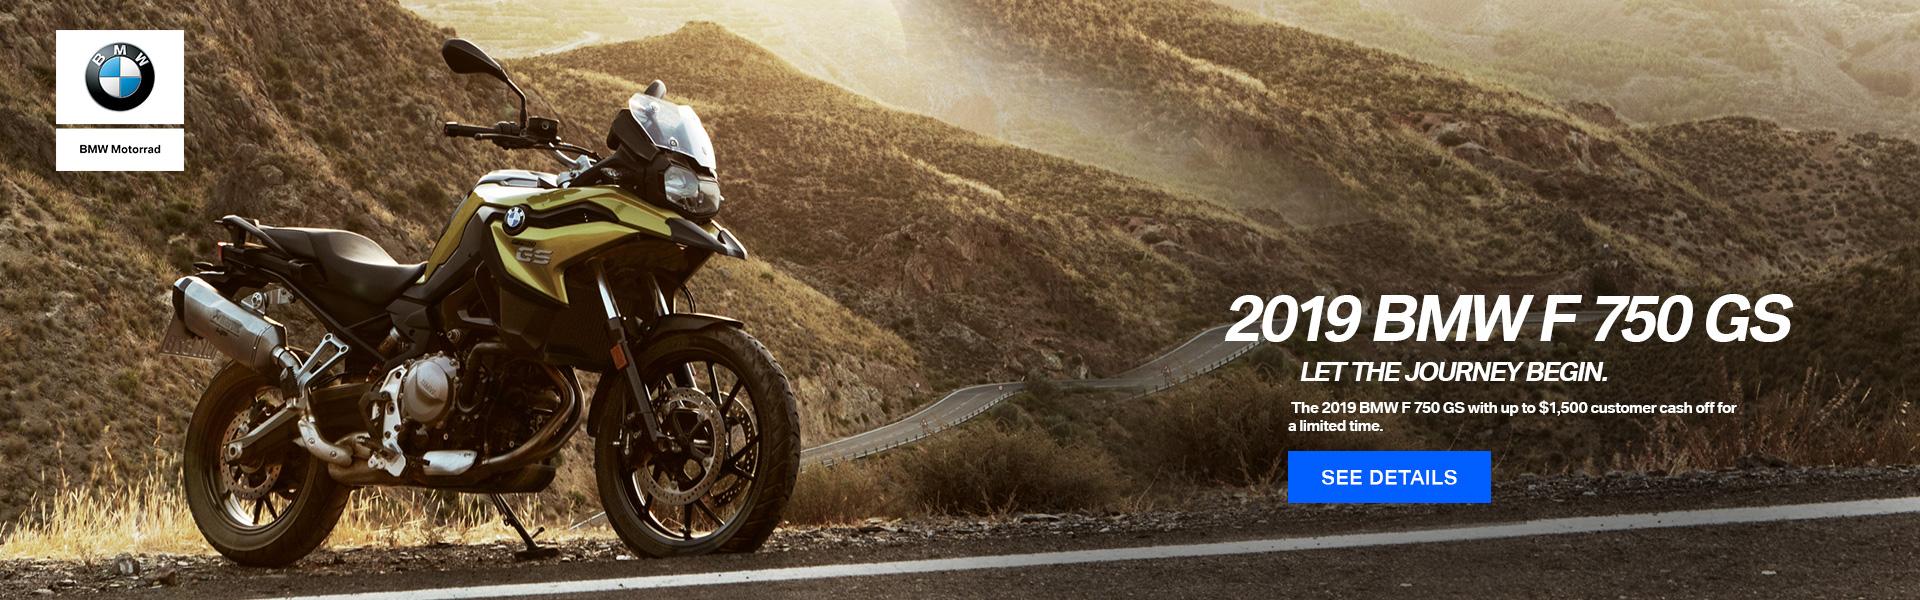 2019 BMW F 750 GS